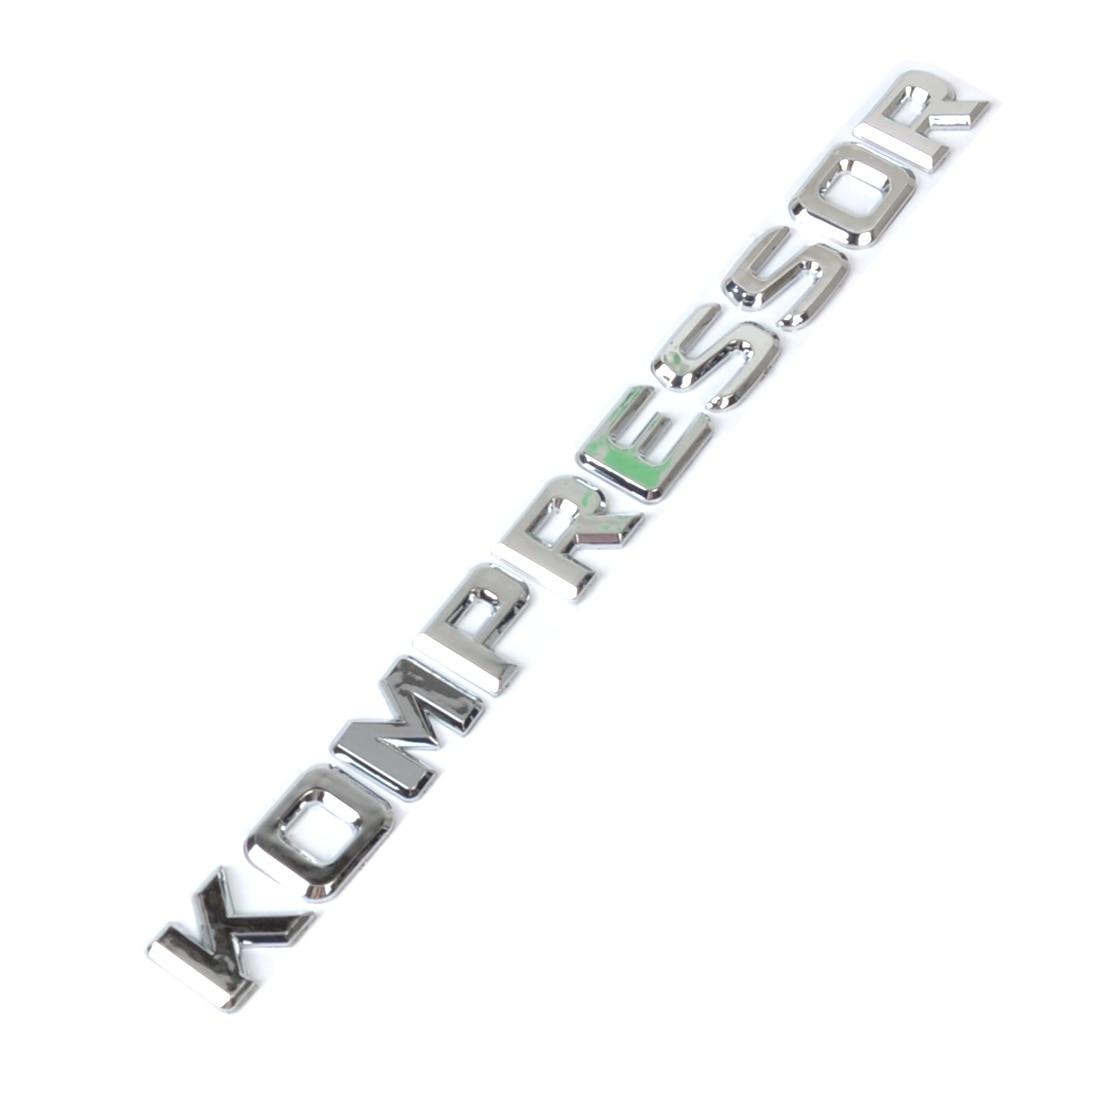 DWCX 3D Krom KOMPRESSOR Rozeti Amblem Sticker Mercedes Benz SLK CLK SL CLS ML GL A B C E S Sınıf CL55 SLK200 C180 CLC200